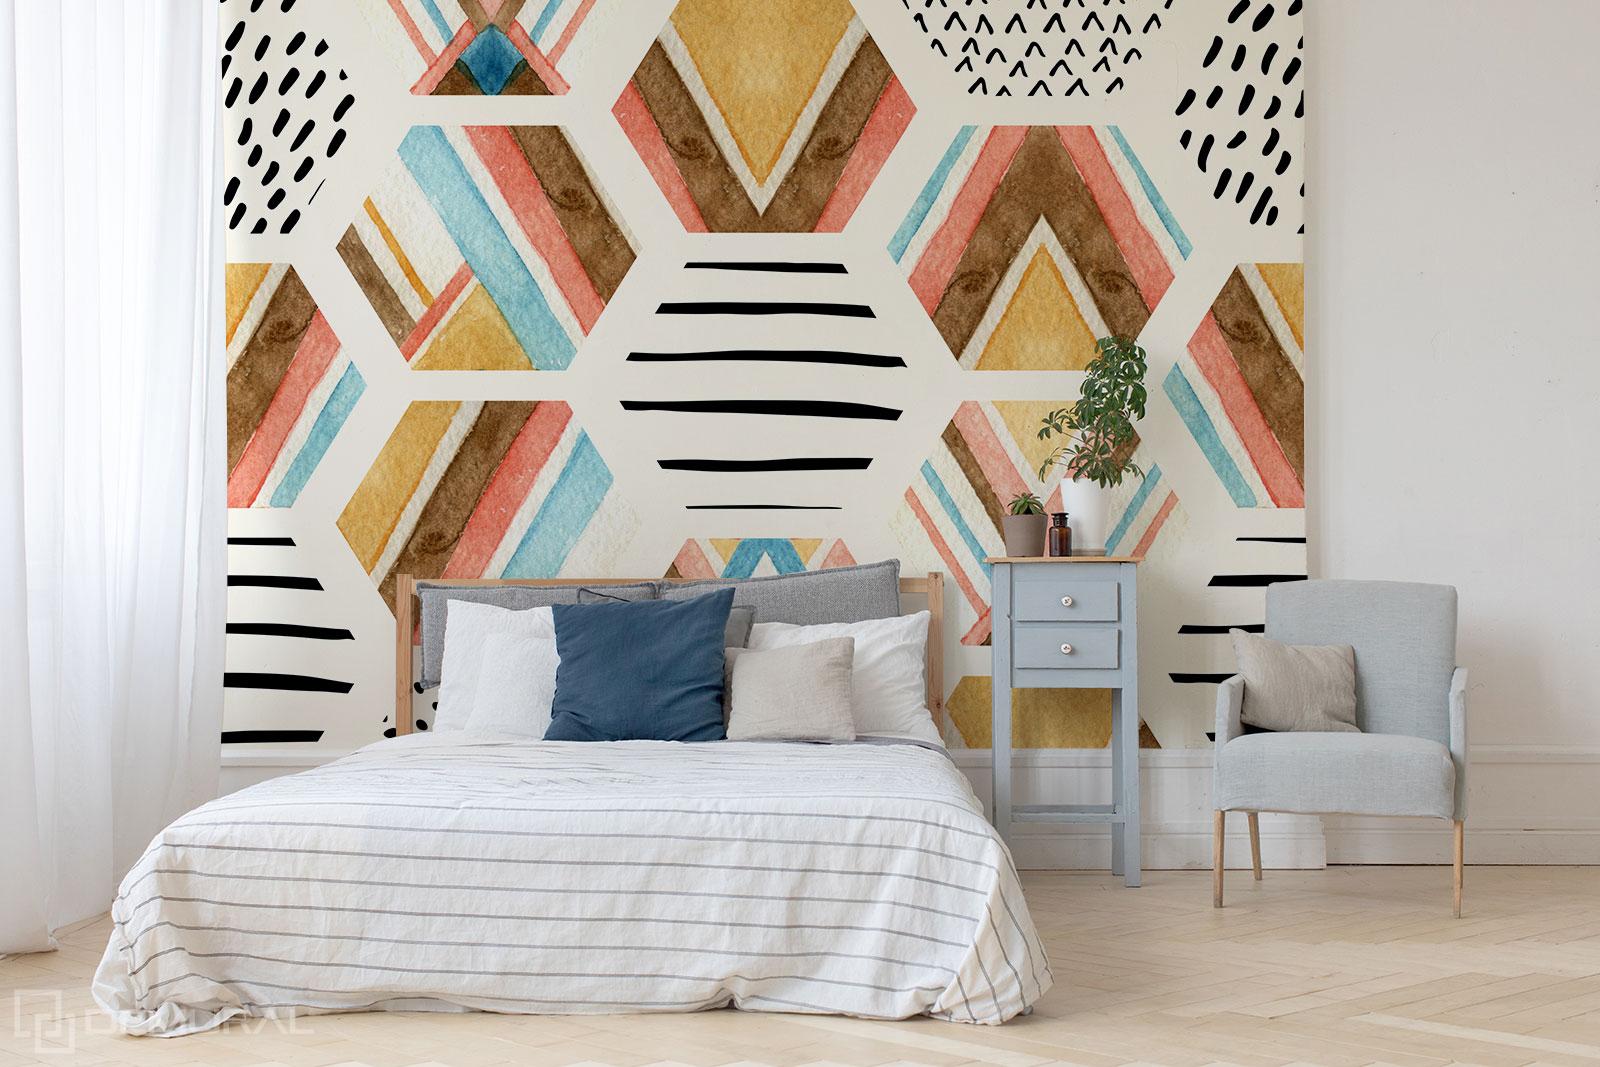 Papier peint aquarelle géométrique - Papier peint géométrique - Demural